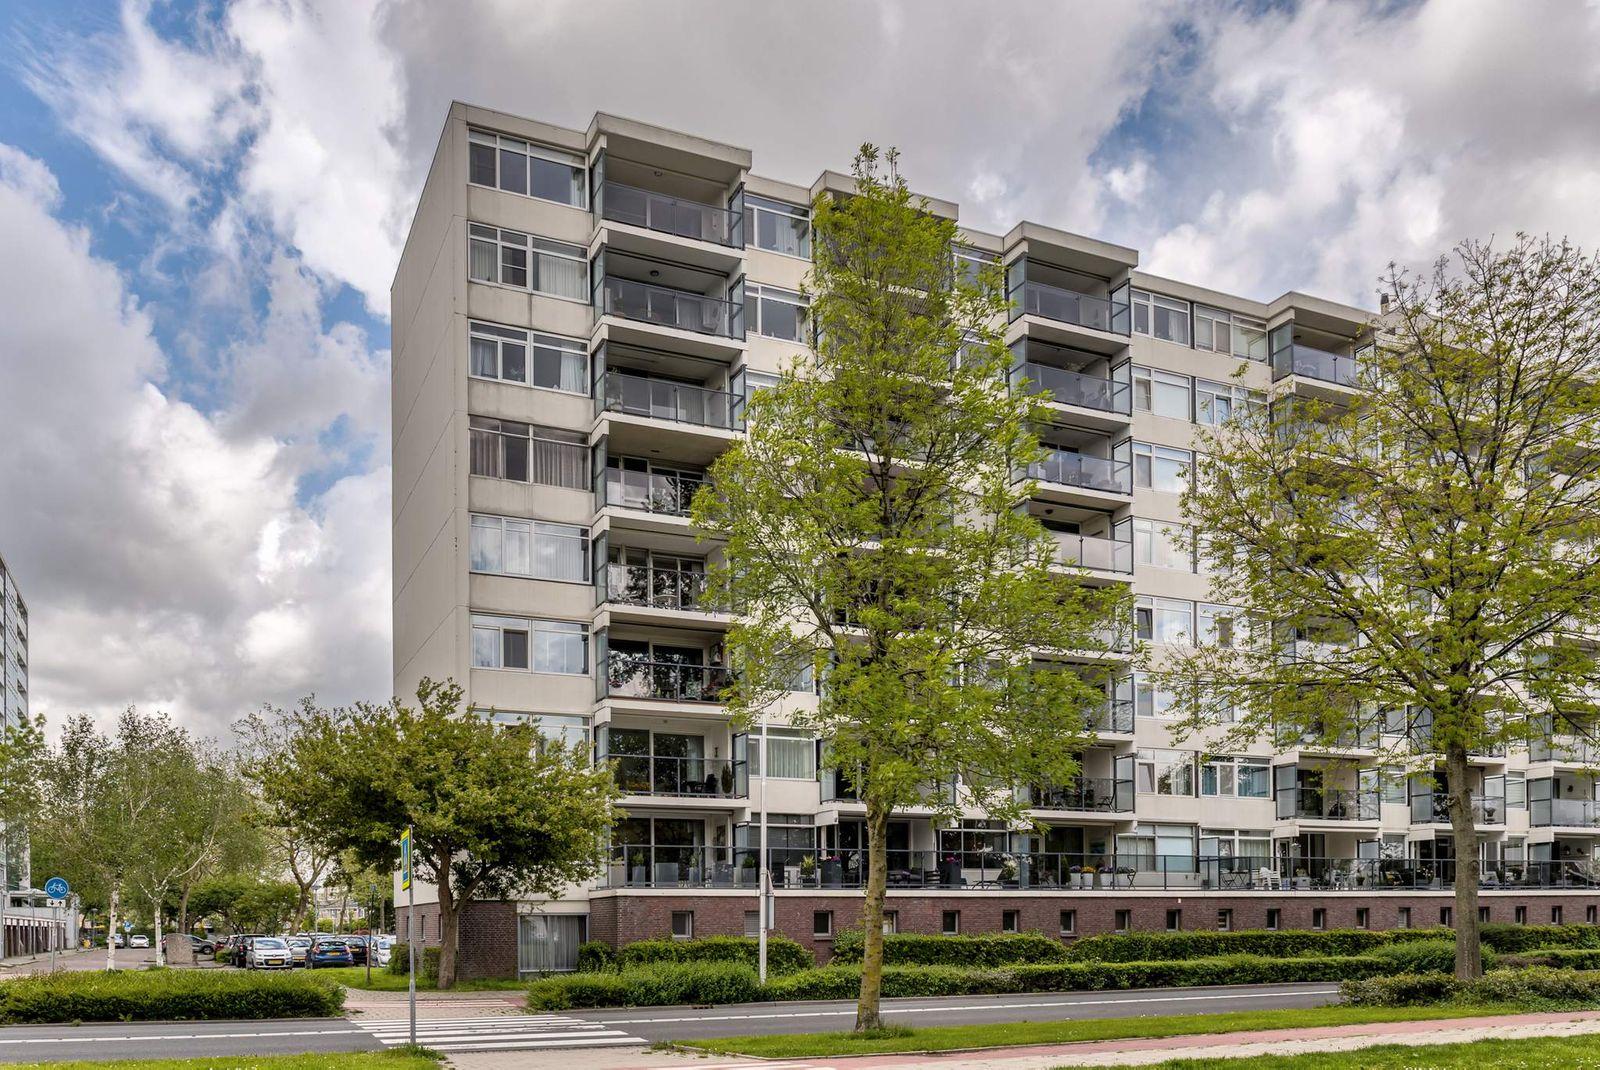 Pruylenborg 199, Zwijndrecht